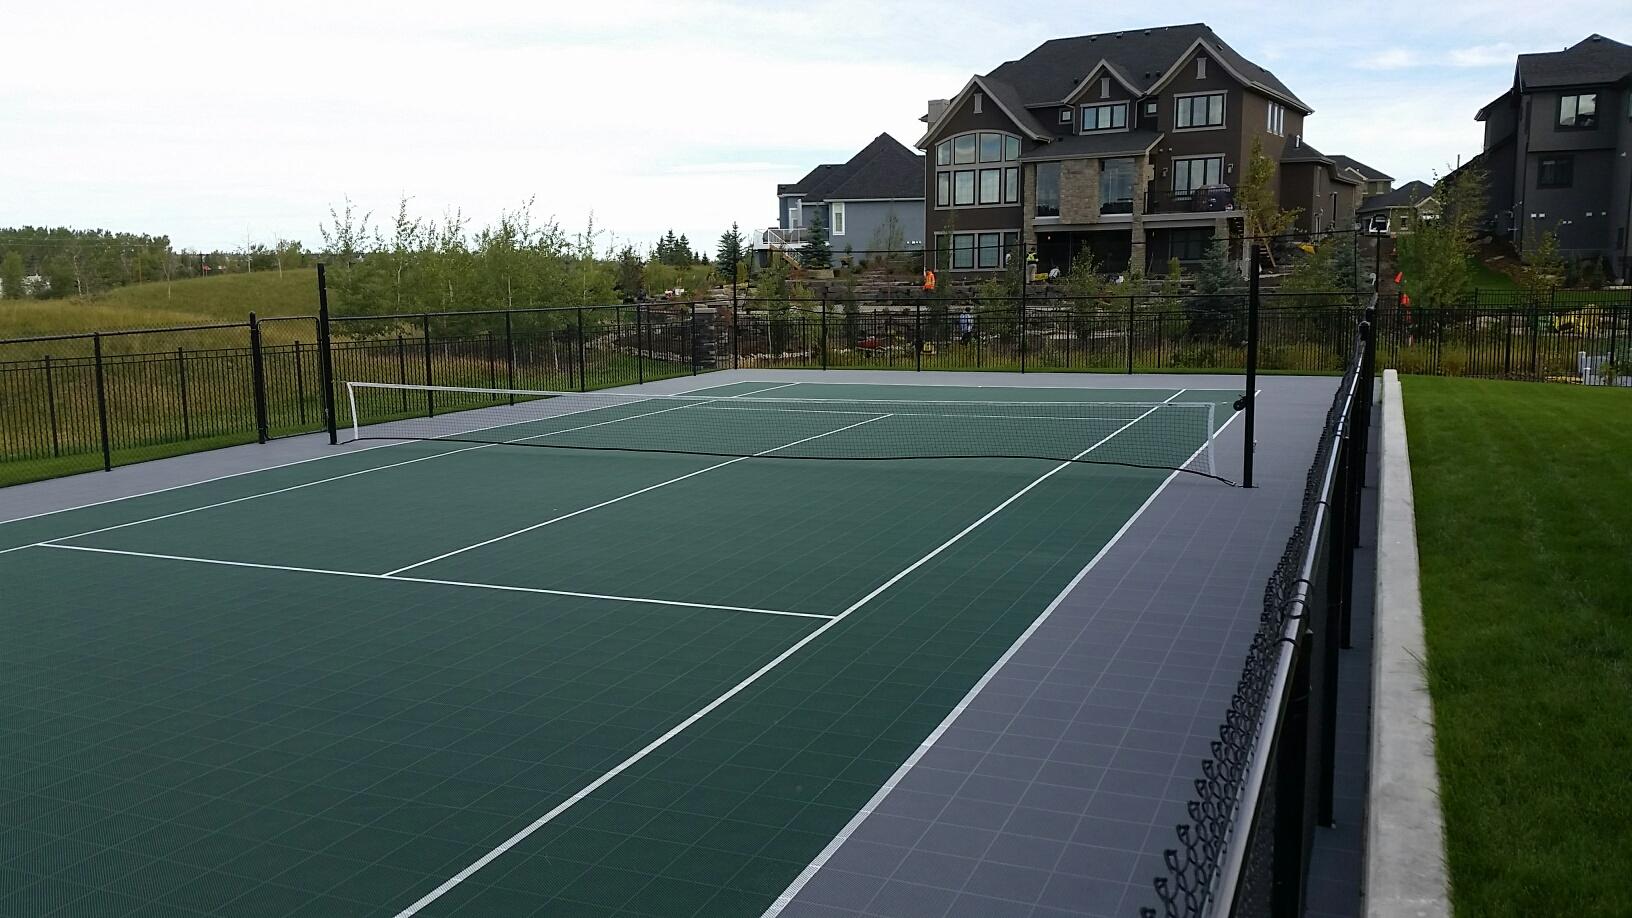 Sport Court Tennis Courts